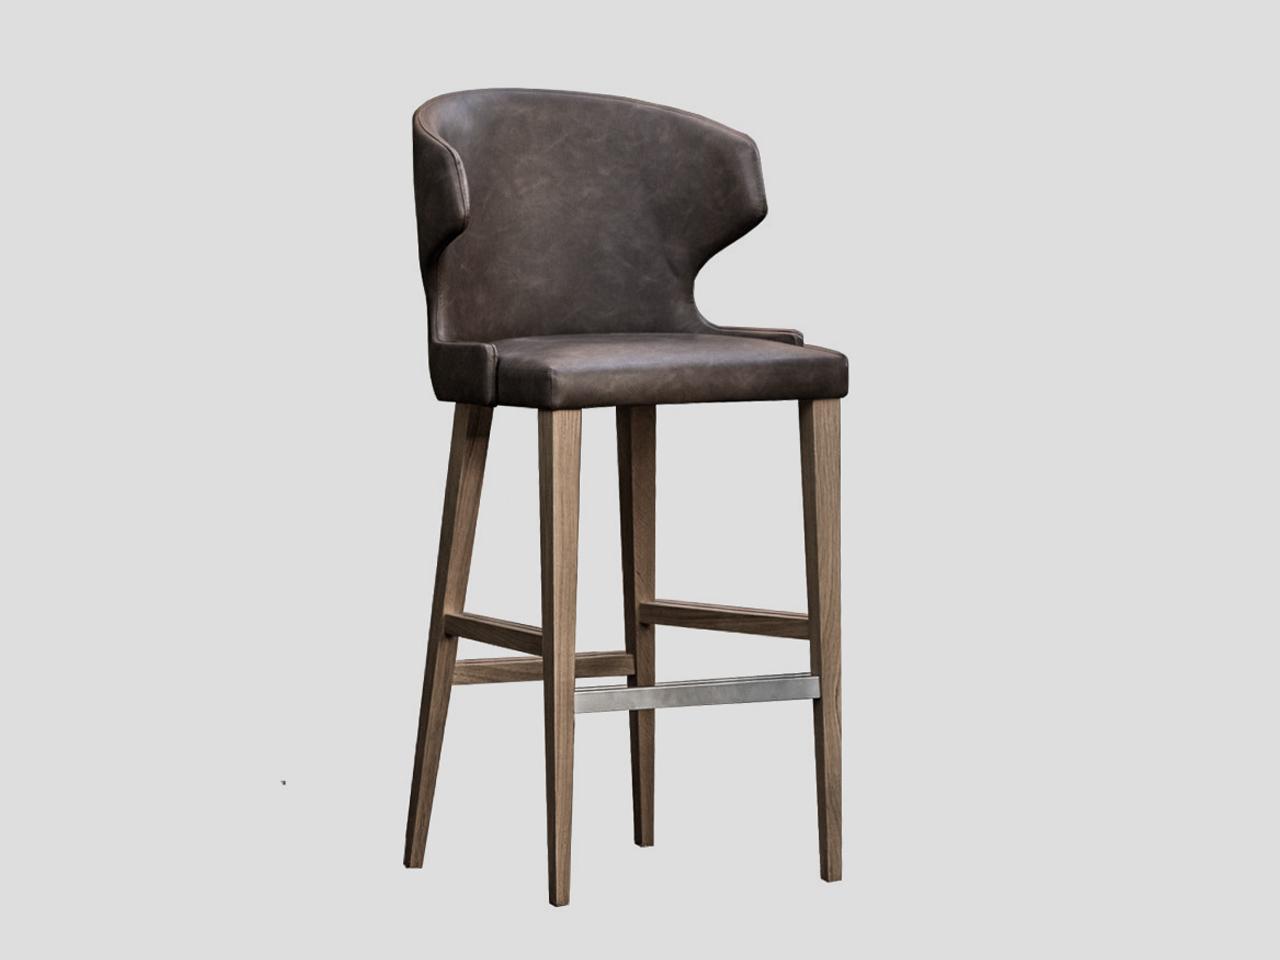 Barske stolice - Linea Milanovic